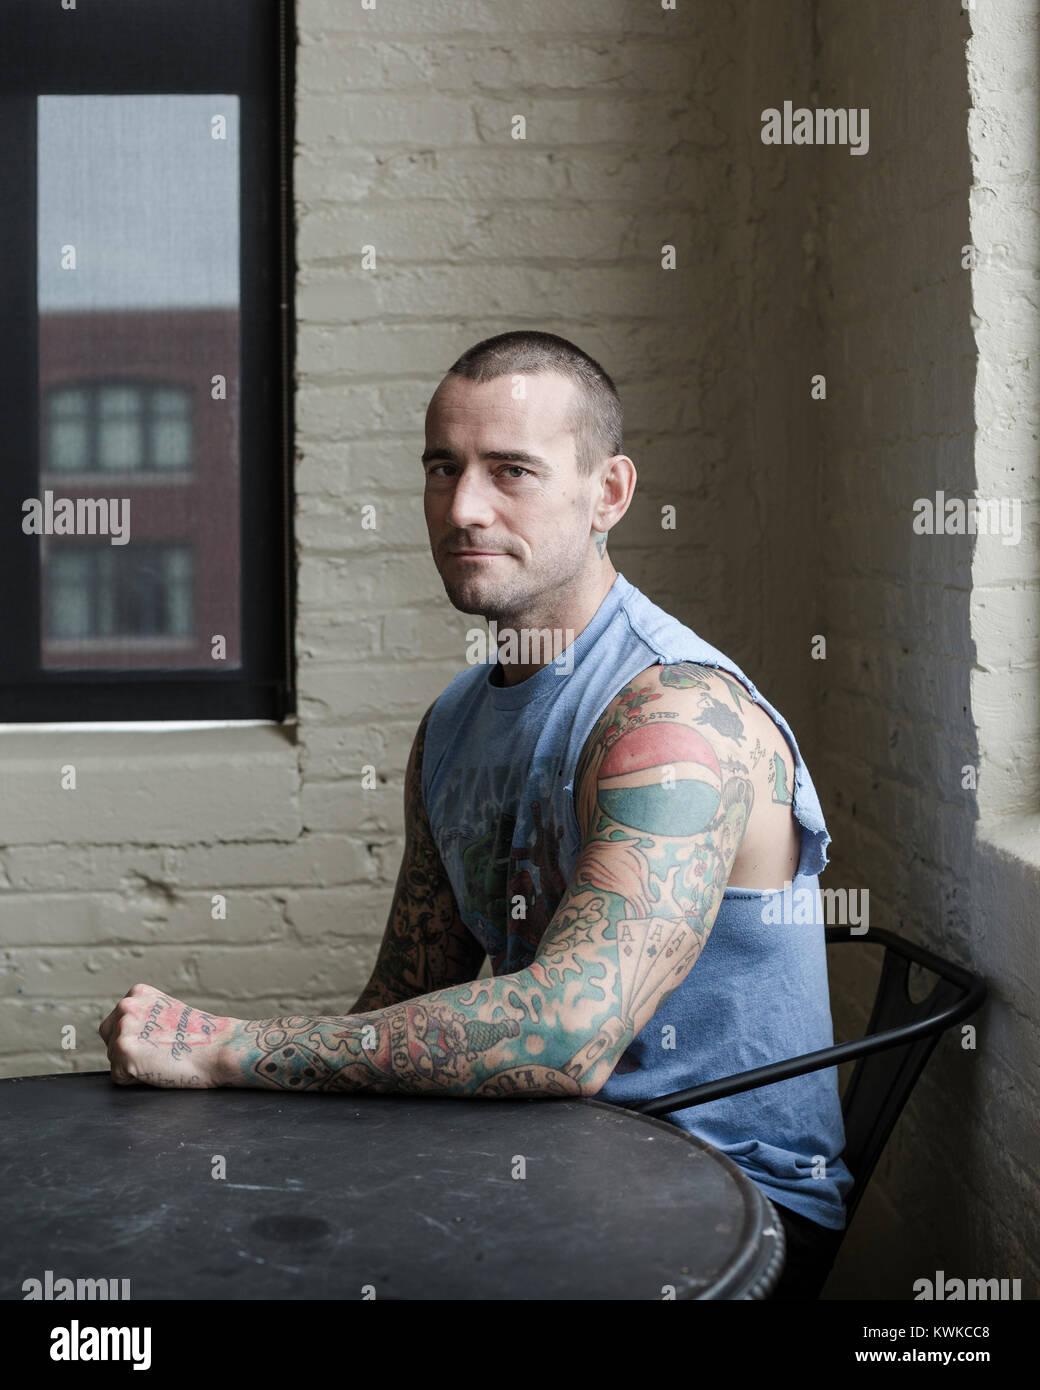 Un retrato de CM Punk, ex luchador de WWE, fotografiado en su apartamento. Foto de stock